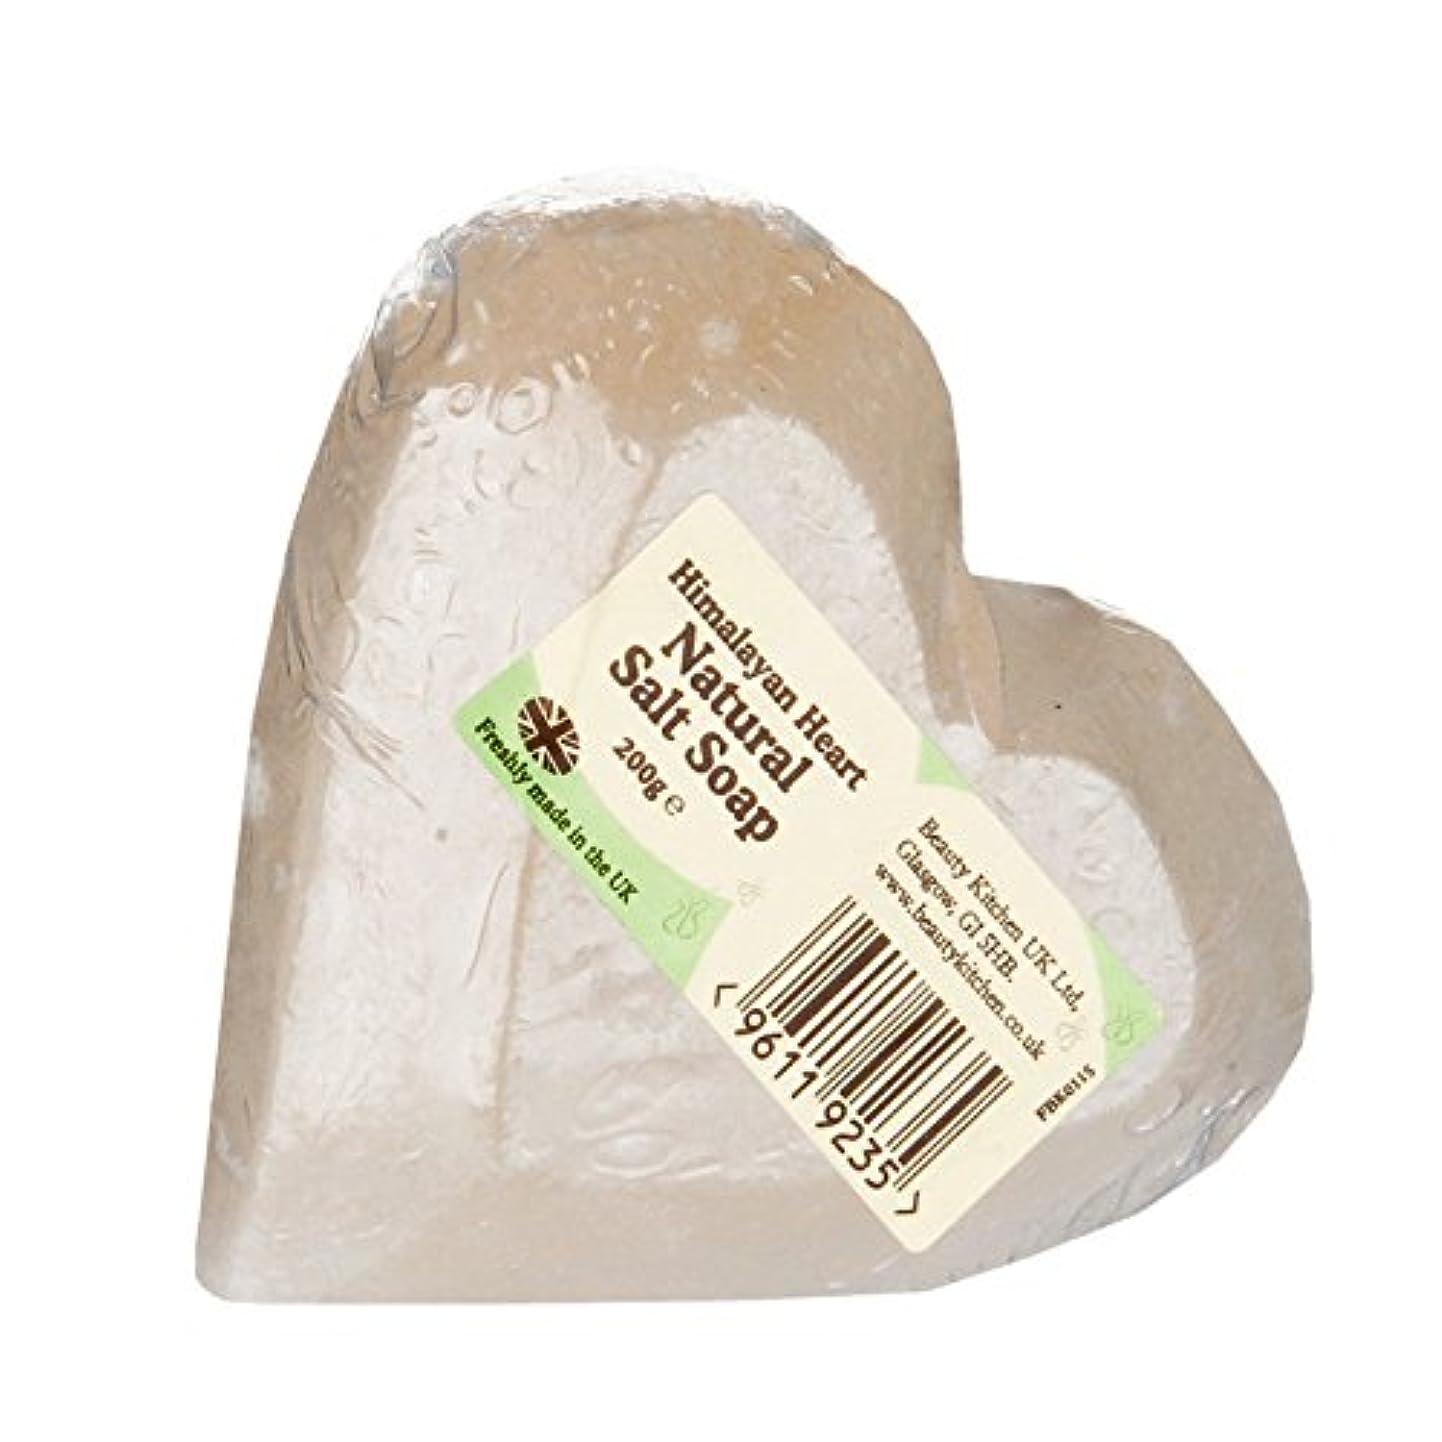 サイバースペースつらい絶縁する美容キッチンヒマラヤンハートソープ200グラム - Beauty Kitchen Himalayan Heart Soap 200g (Beauty Kitchen) [並行輸入品]